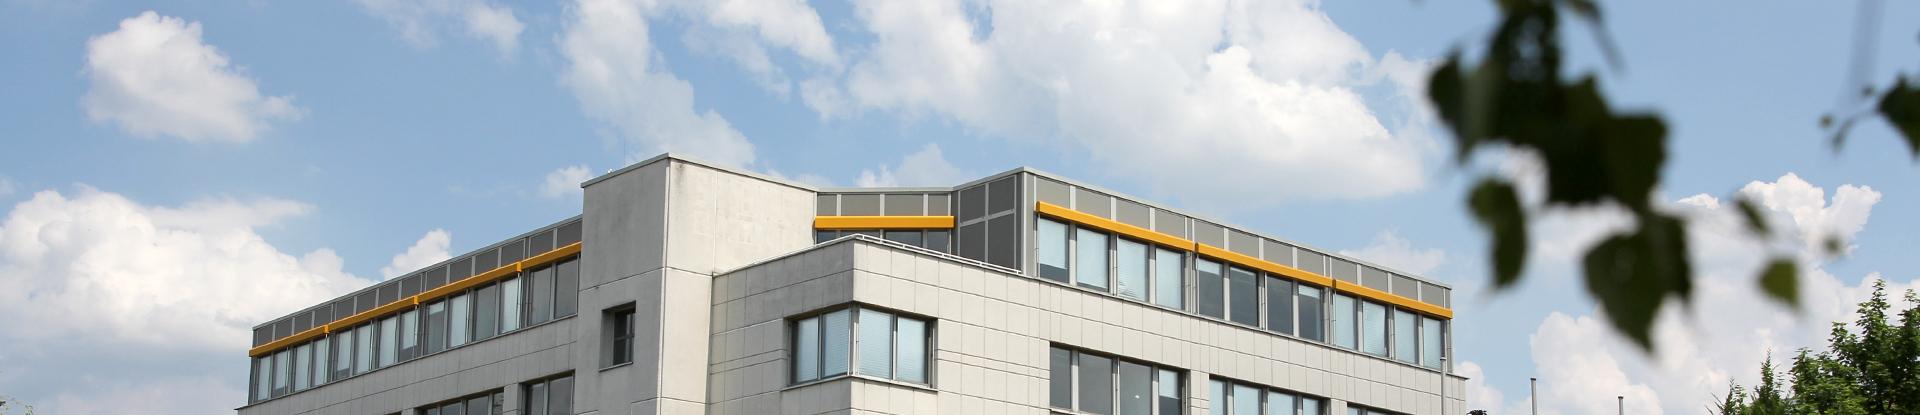 Midiplan Anfahrt, GmbH & Co. KG Ingenieurbüro für Energie- und Wärmetechnik